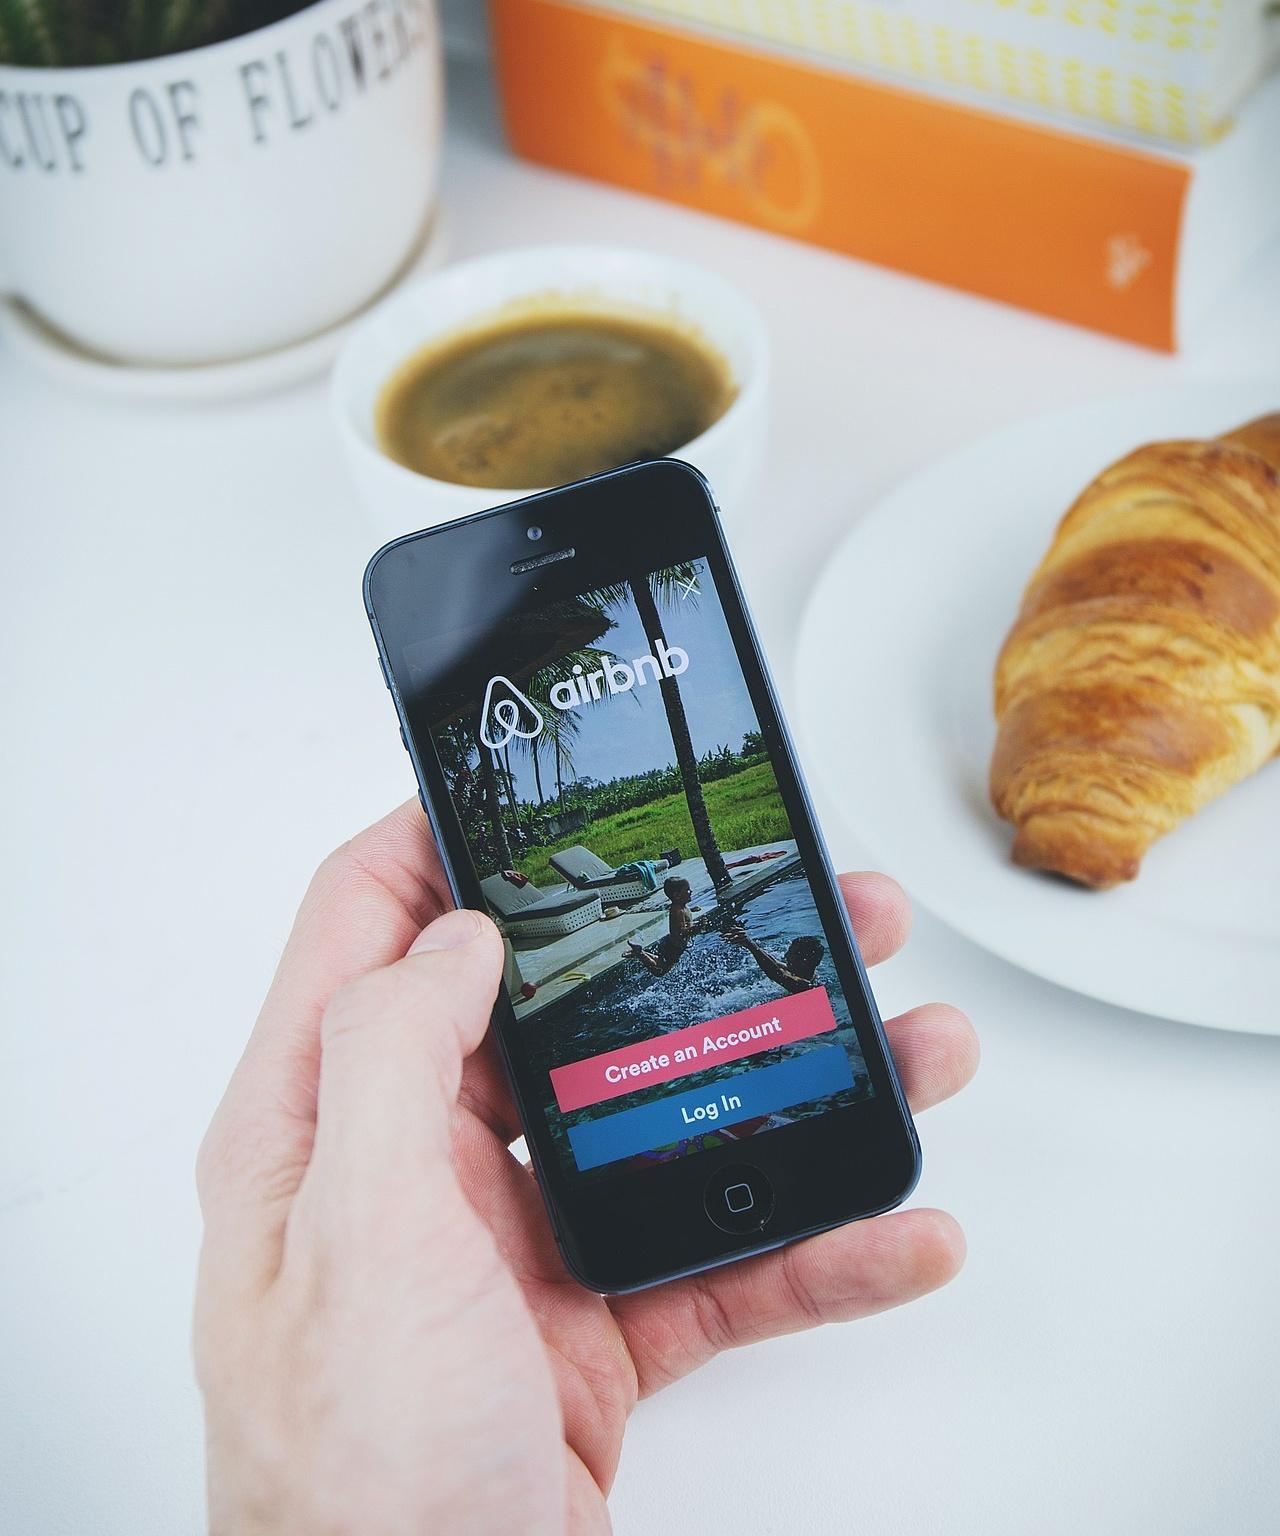 Co to jest i jak działa Airbnb? Czy Airbnb działa w 2021? Airbnb i koronawirus